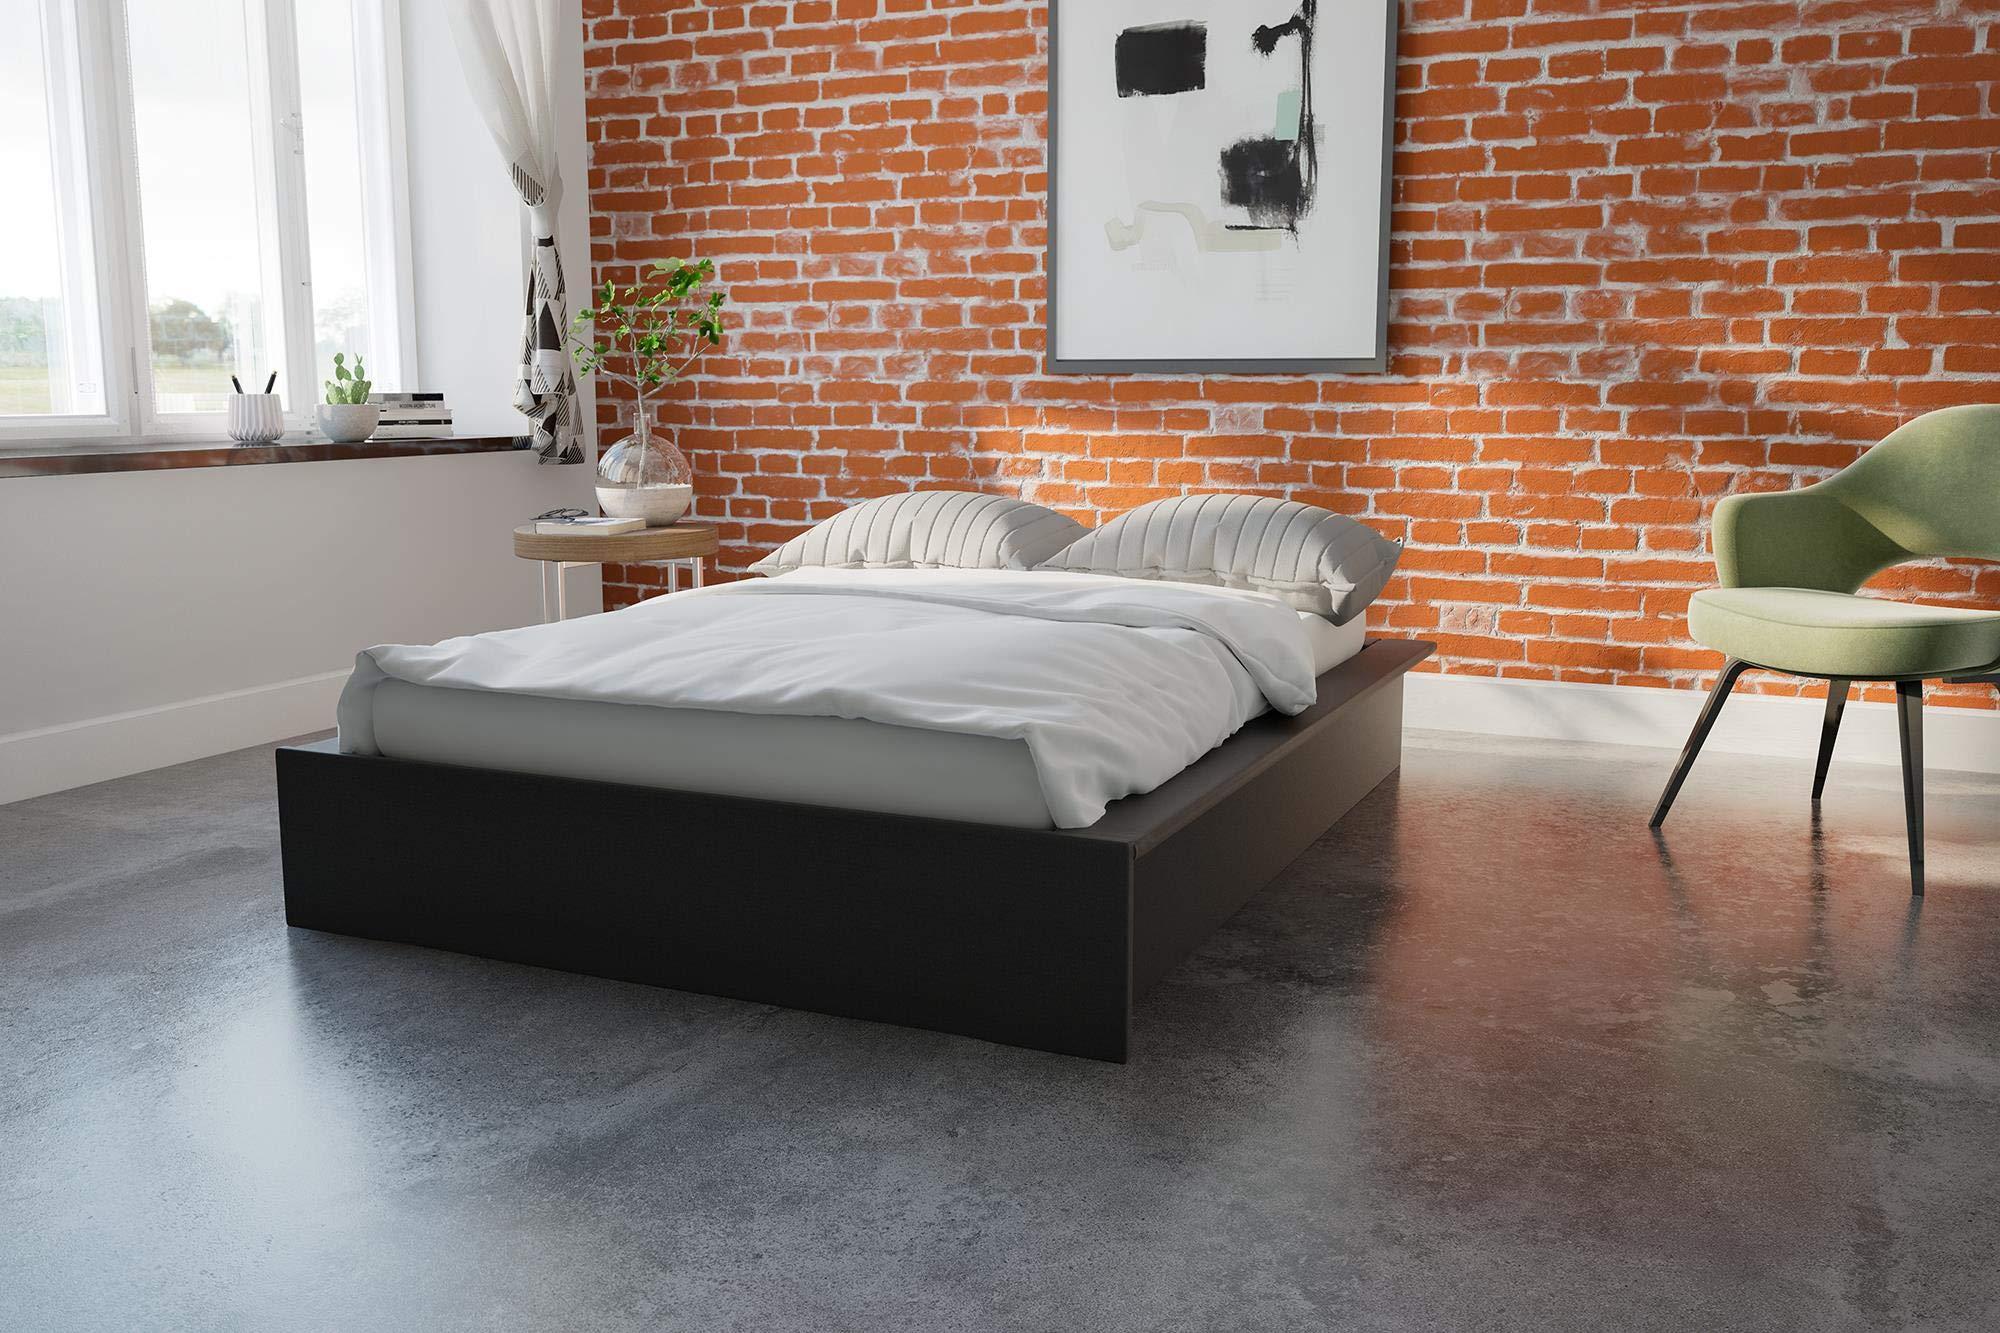 DHP Maven Upholstered Bed, Black, Queen